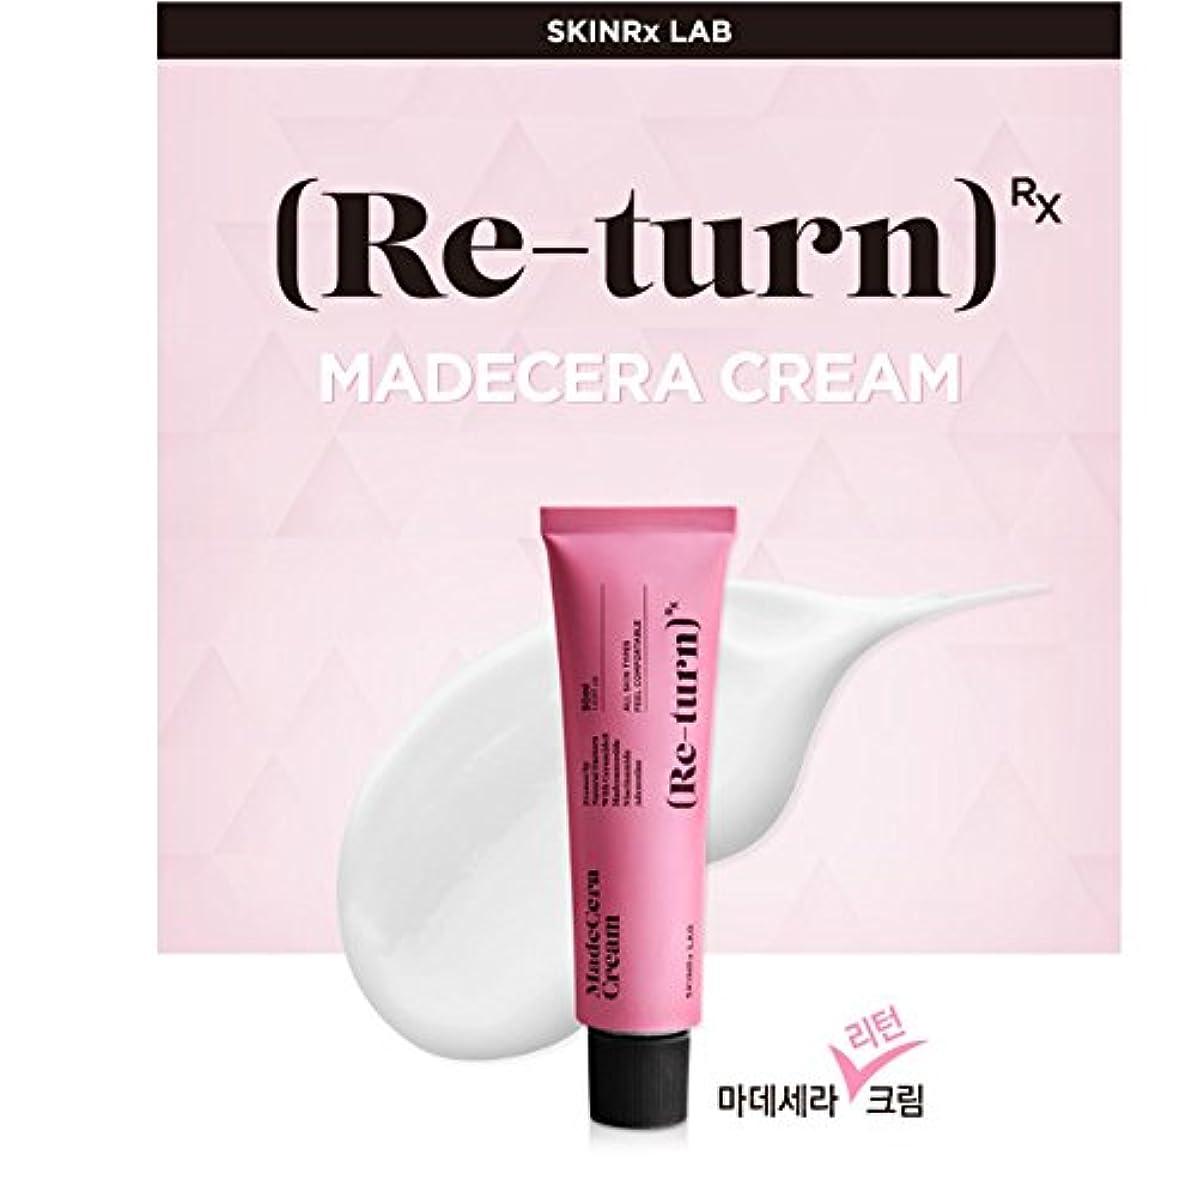 復活粉砕する必要としているスキンアルエクスラップ マデセラ リターン クリーム 50ml / SKINRxLAB MadeCera Re-turn Cream 50ml (1.69oz)